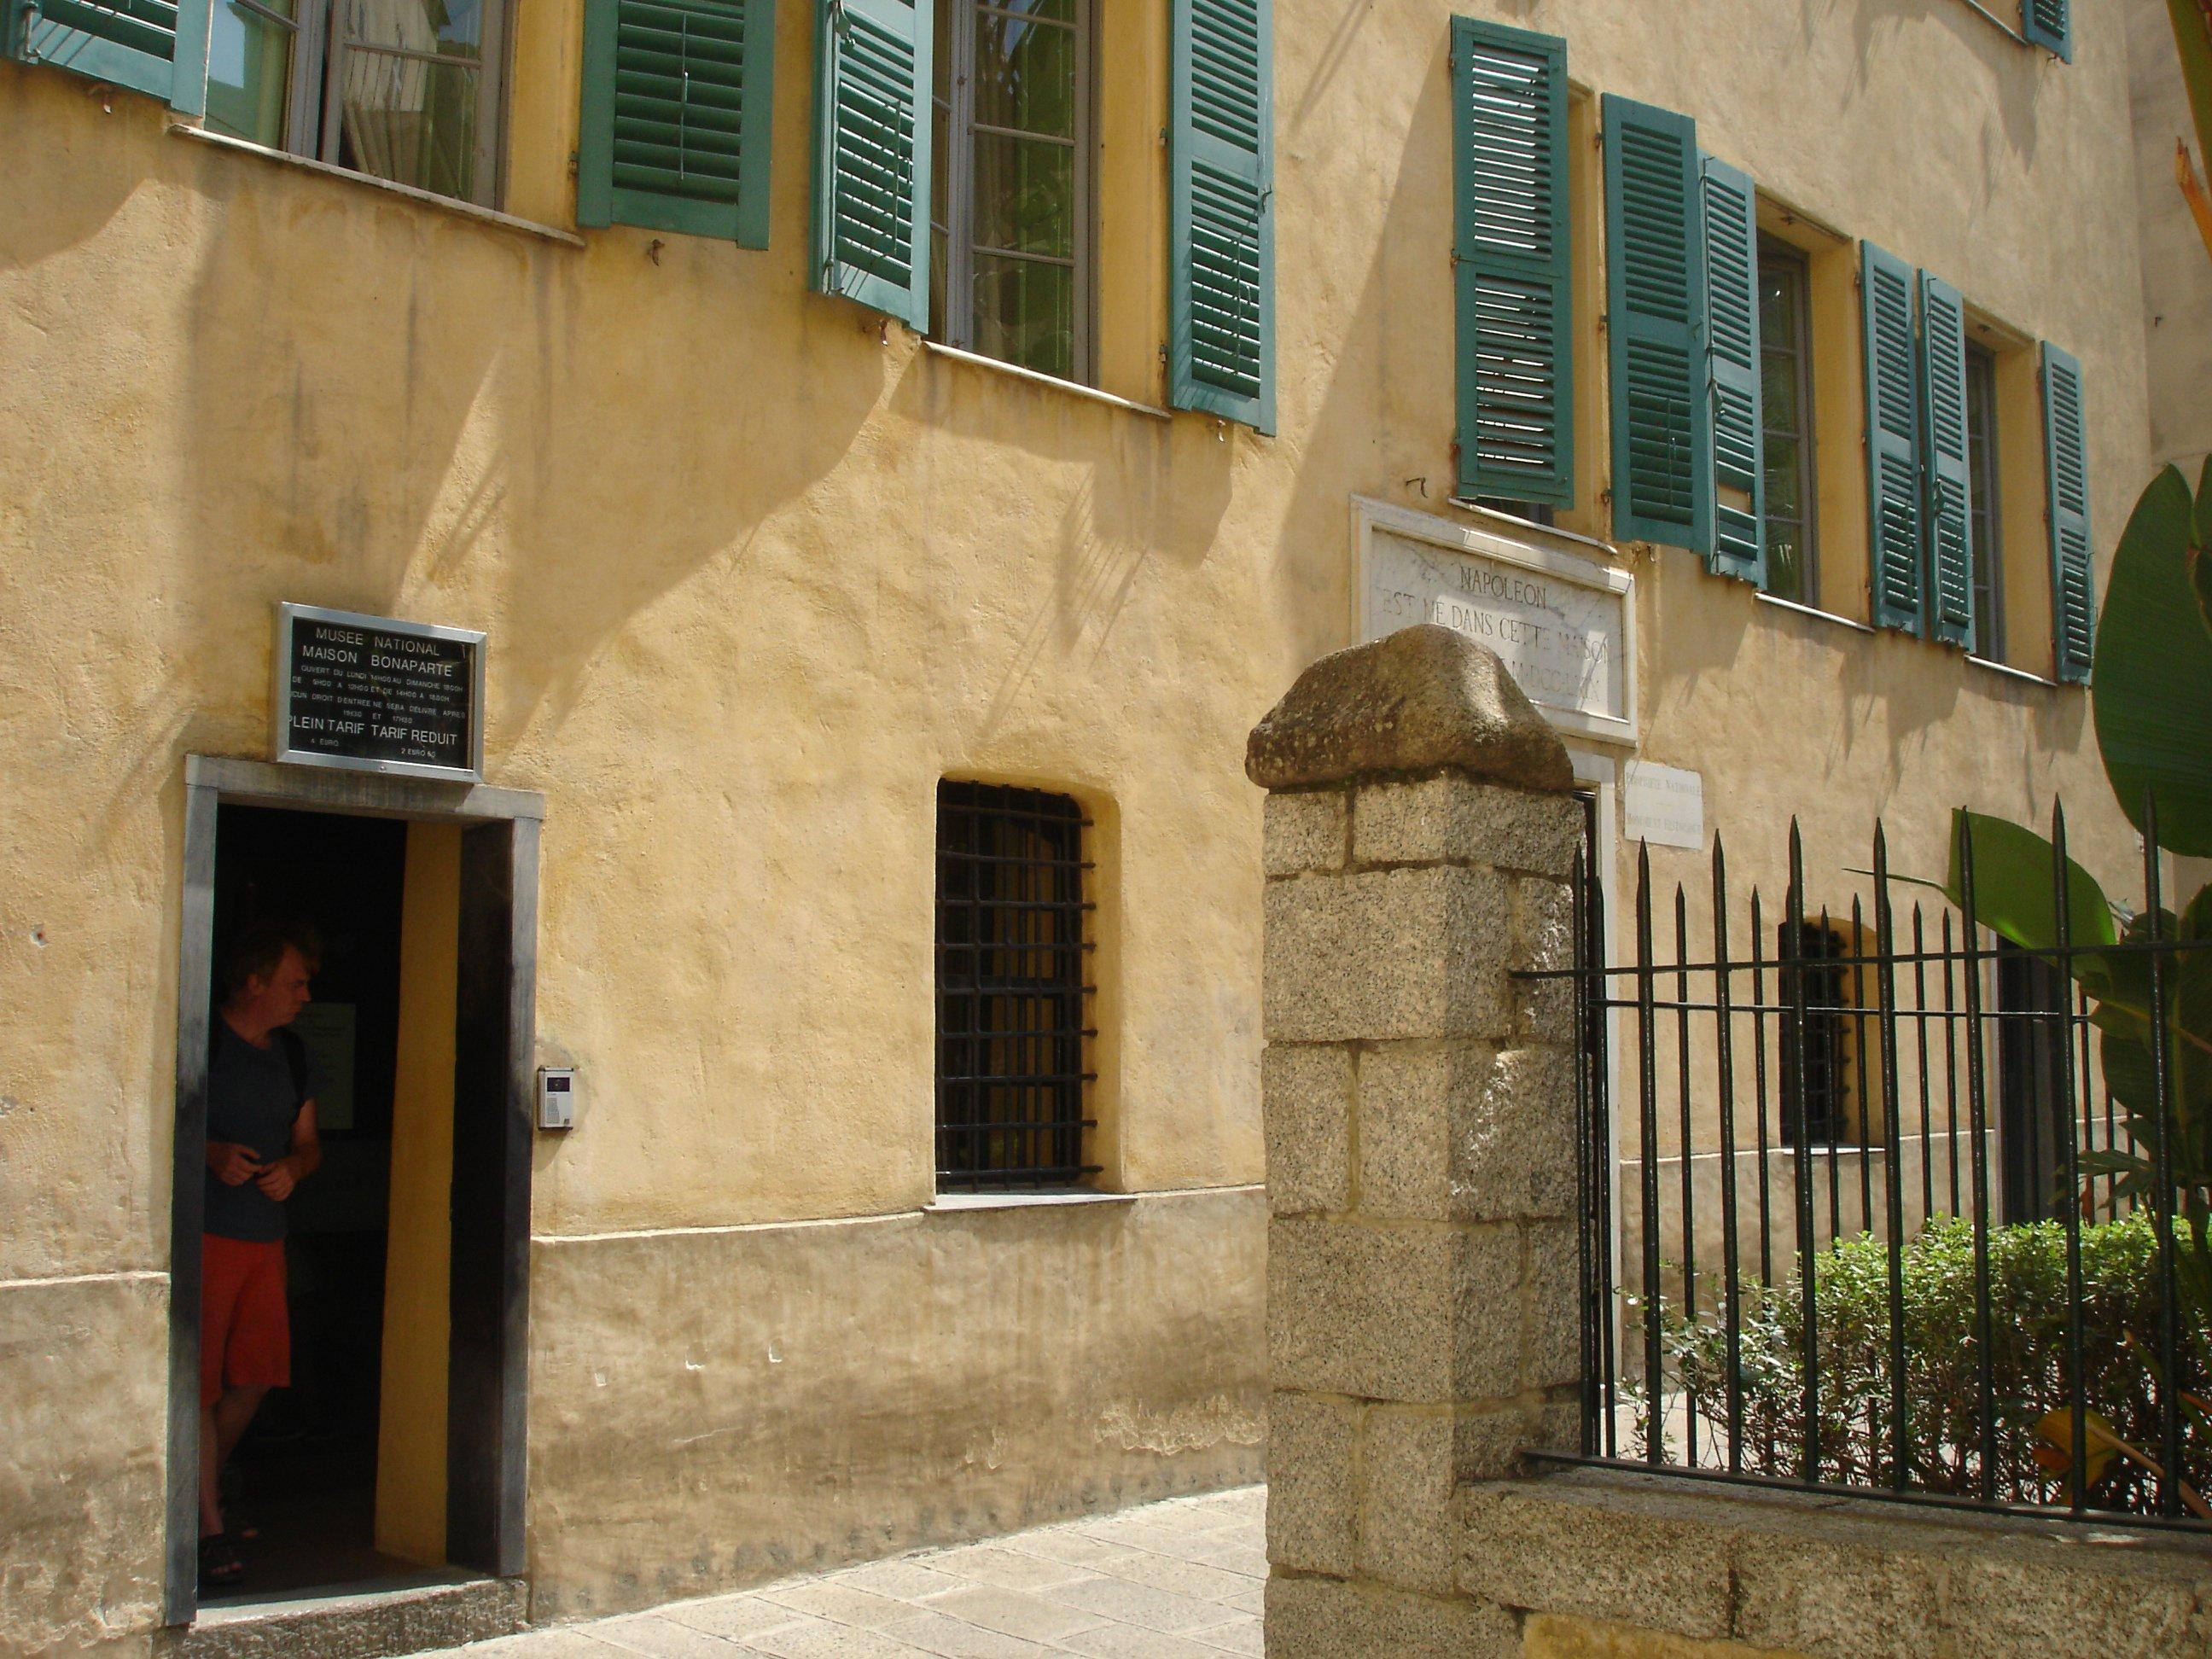 La maison de napoleon corsica gaby39 photos club for La maison club